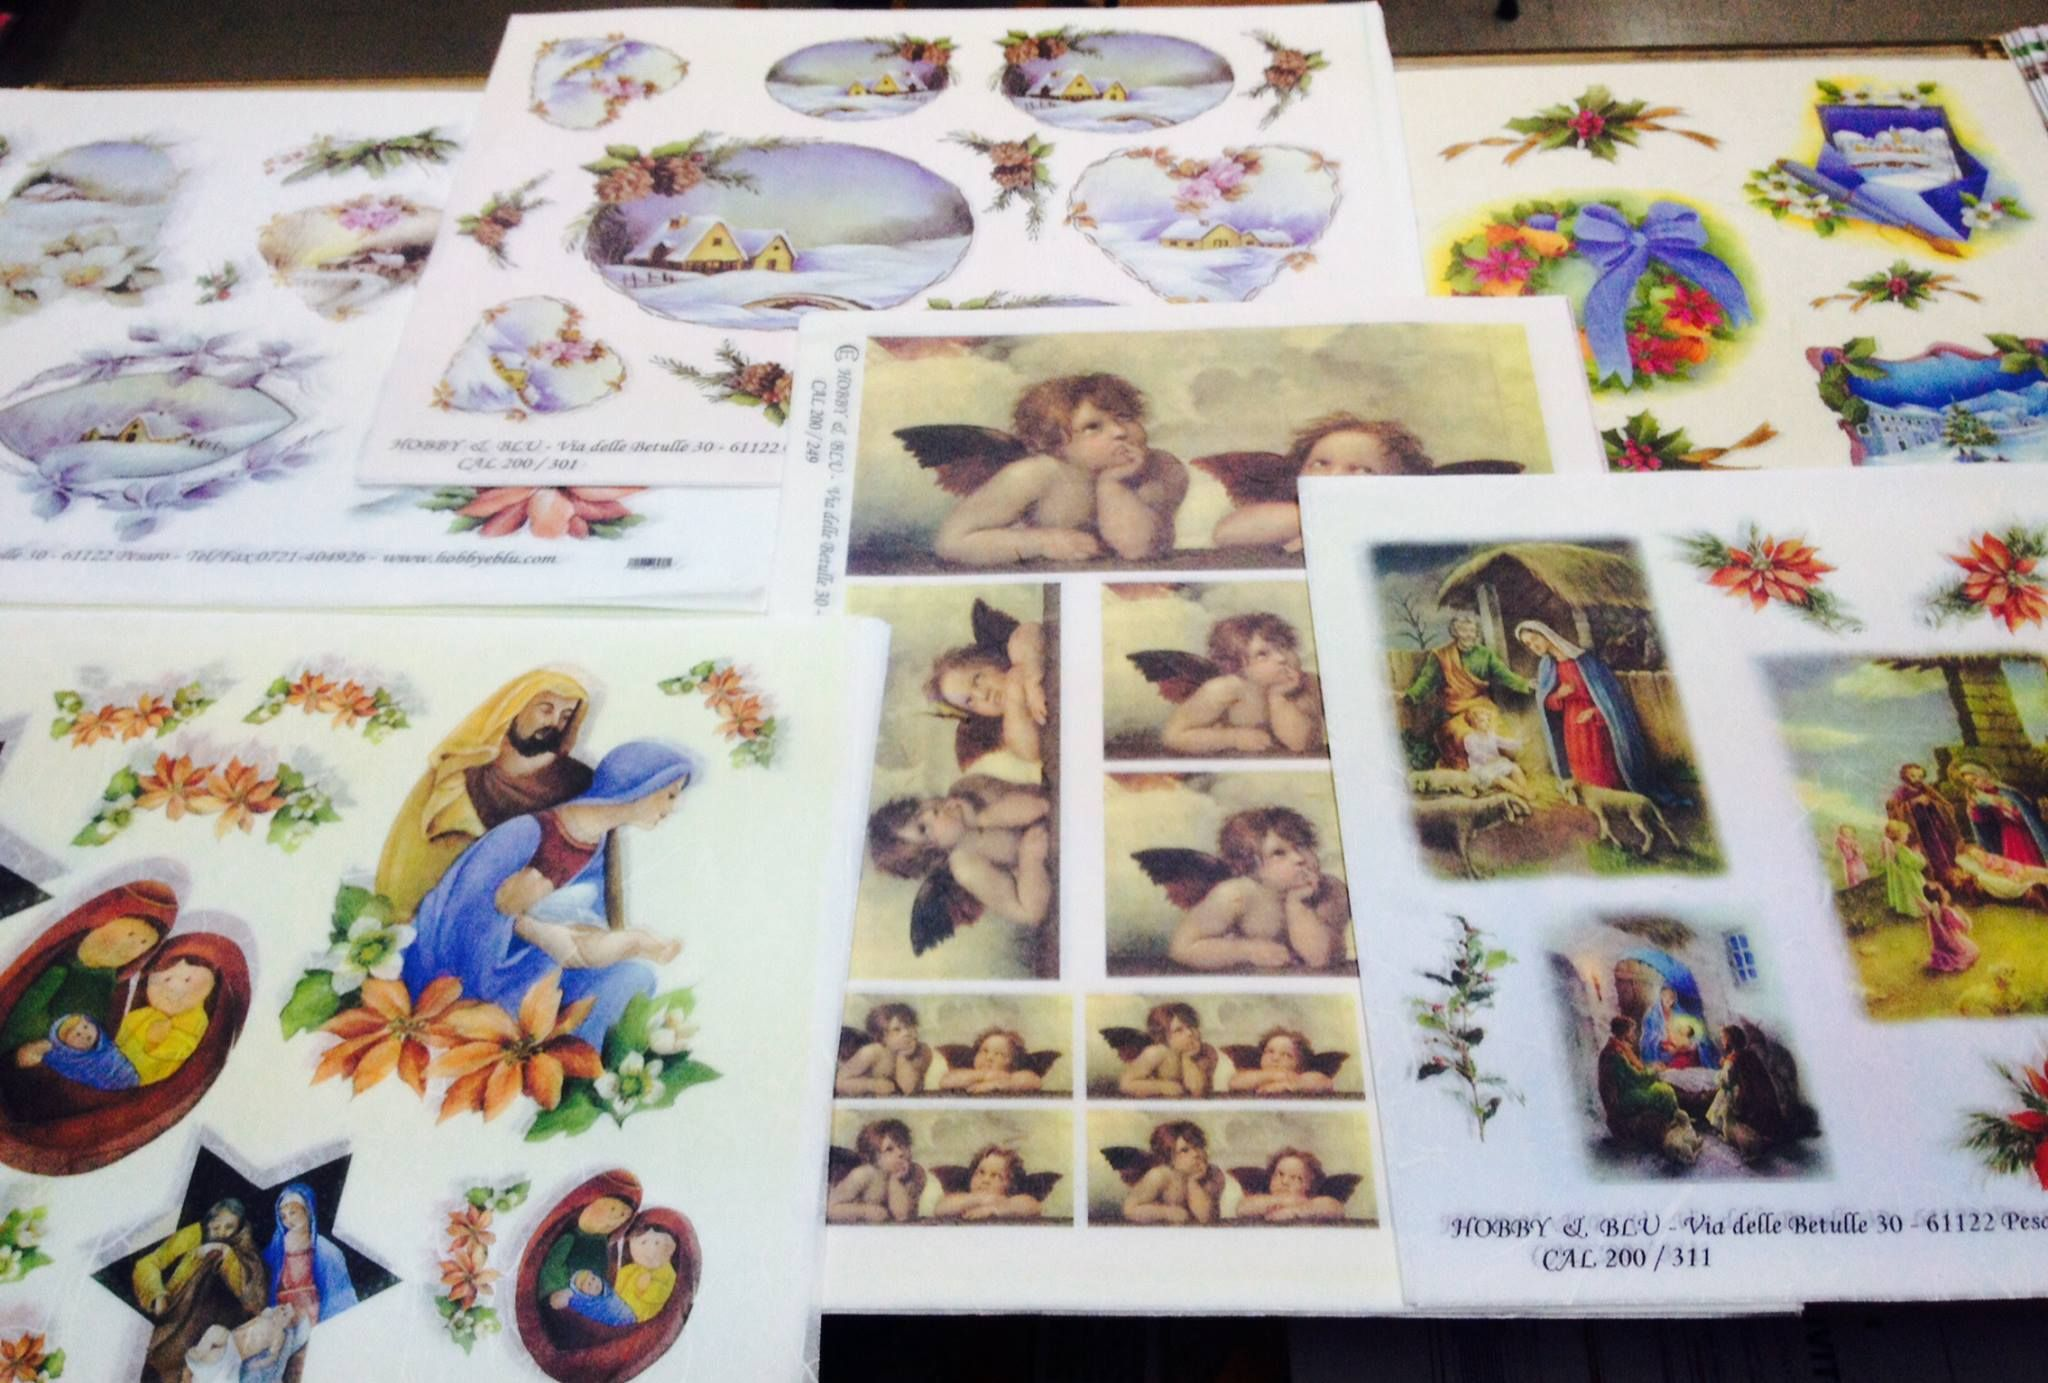 ULTIMI ARRIVI @ Colour Academy - Belle Arti , Bari Carta di riso pittorica per Decoupage Natale 2016  Carte riso stampate per decoupage con soggetti natalizi Natività, paesaggi natalizi, babbo natale, angeli, ghirlande, stelle di natale, presepi, miniature e decorazioni natalizie  Vieni a scoprire la nuova collezione #NATALE2016 #decoupage #bricolage #hobby #christmas #natale #bari #2k16